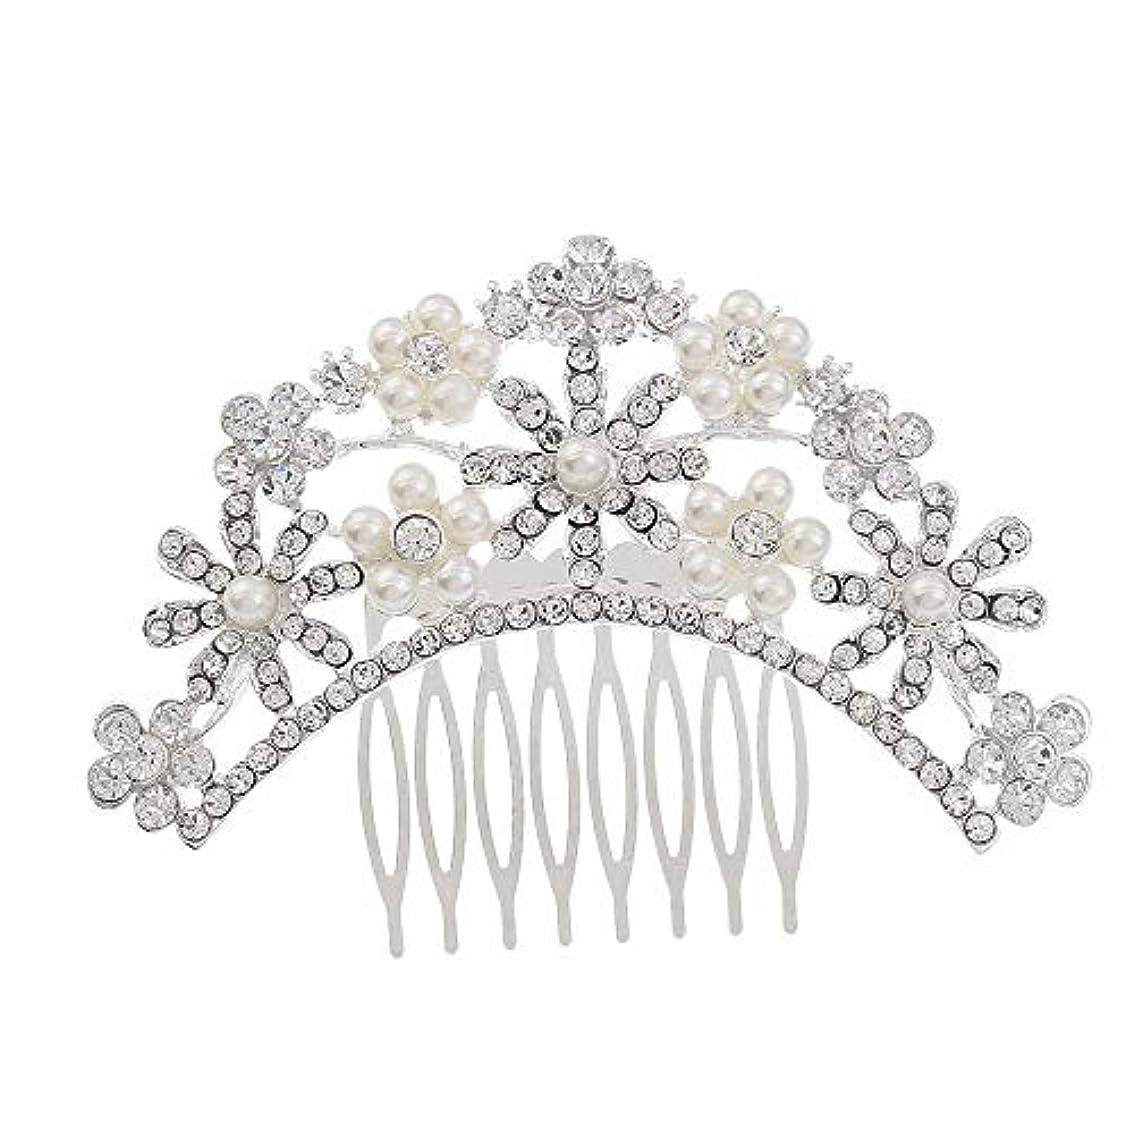 権利を与える内なるセールスマンヘアコームコーム櫛花嫁の髪櫛クラウンヘッドバンド結婚式の帽子真珠の髪の櫛ラインストーンインサート櫛